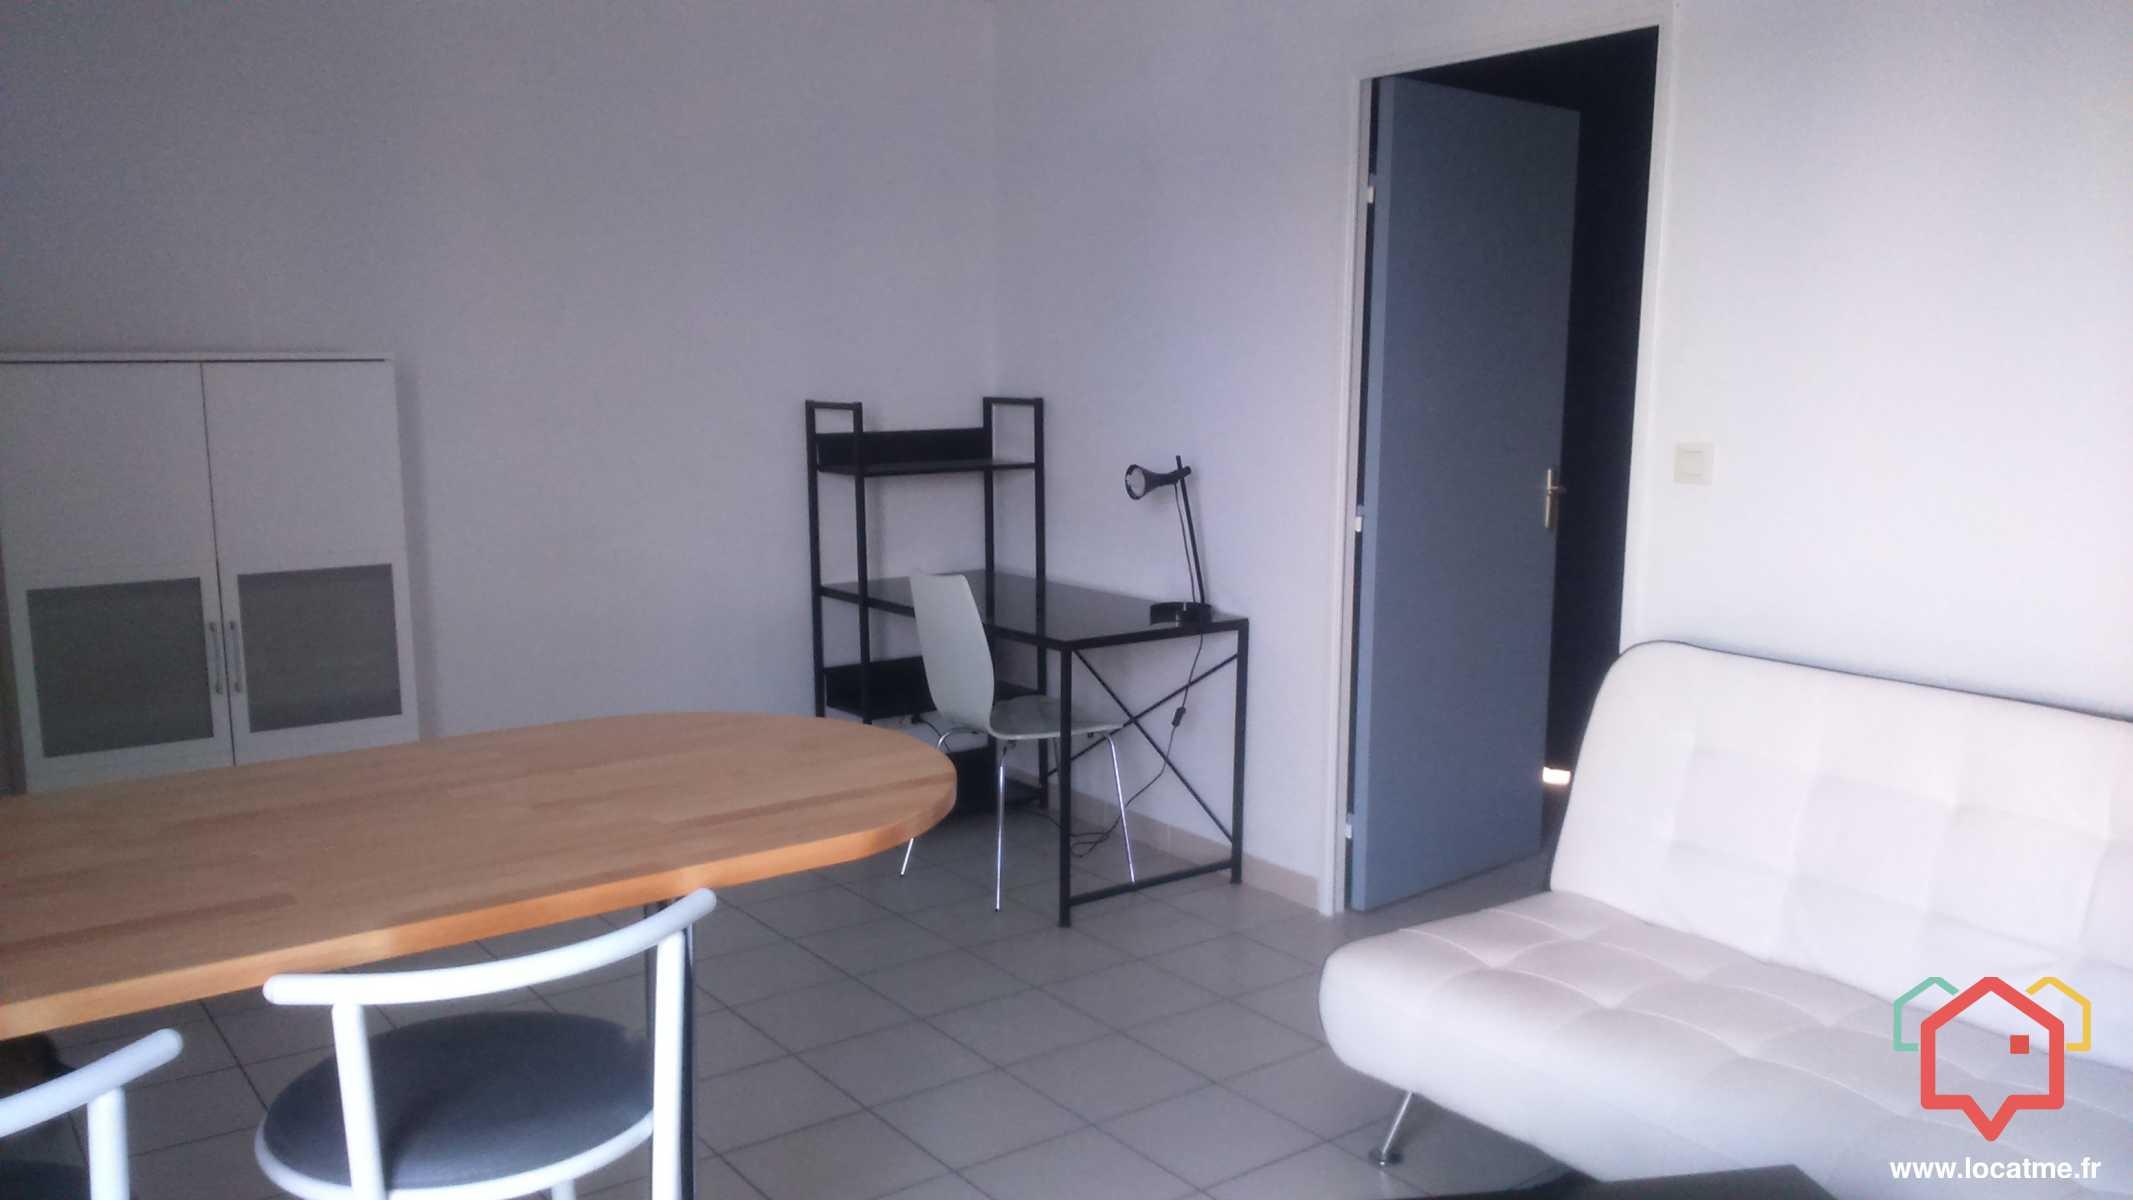 Location Appartement Meublé à Montpellier Particulier